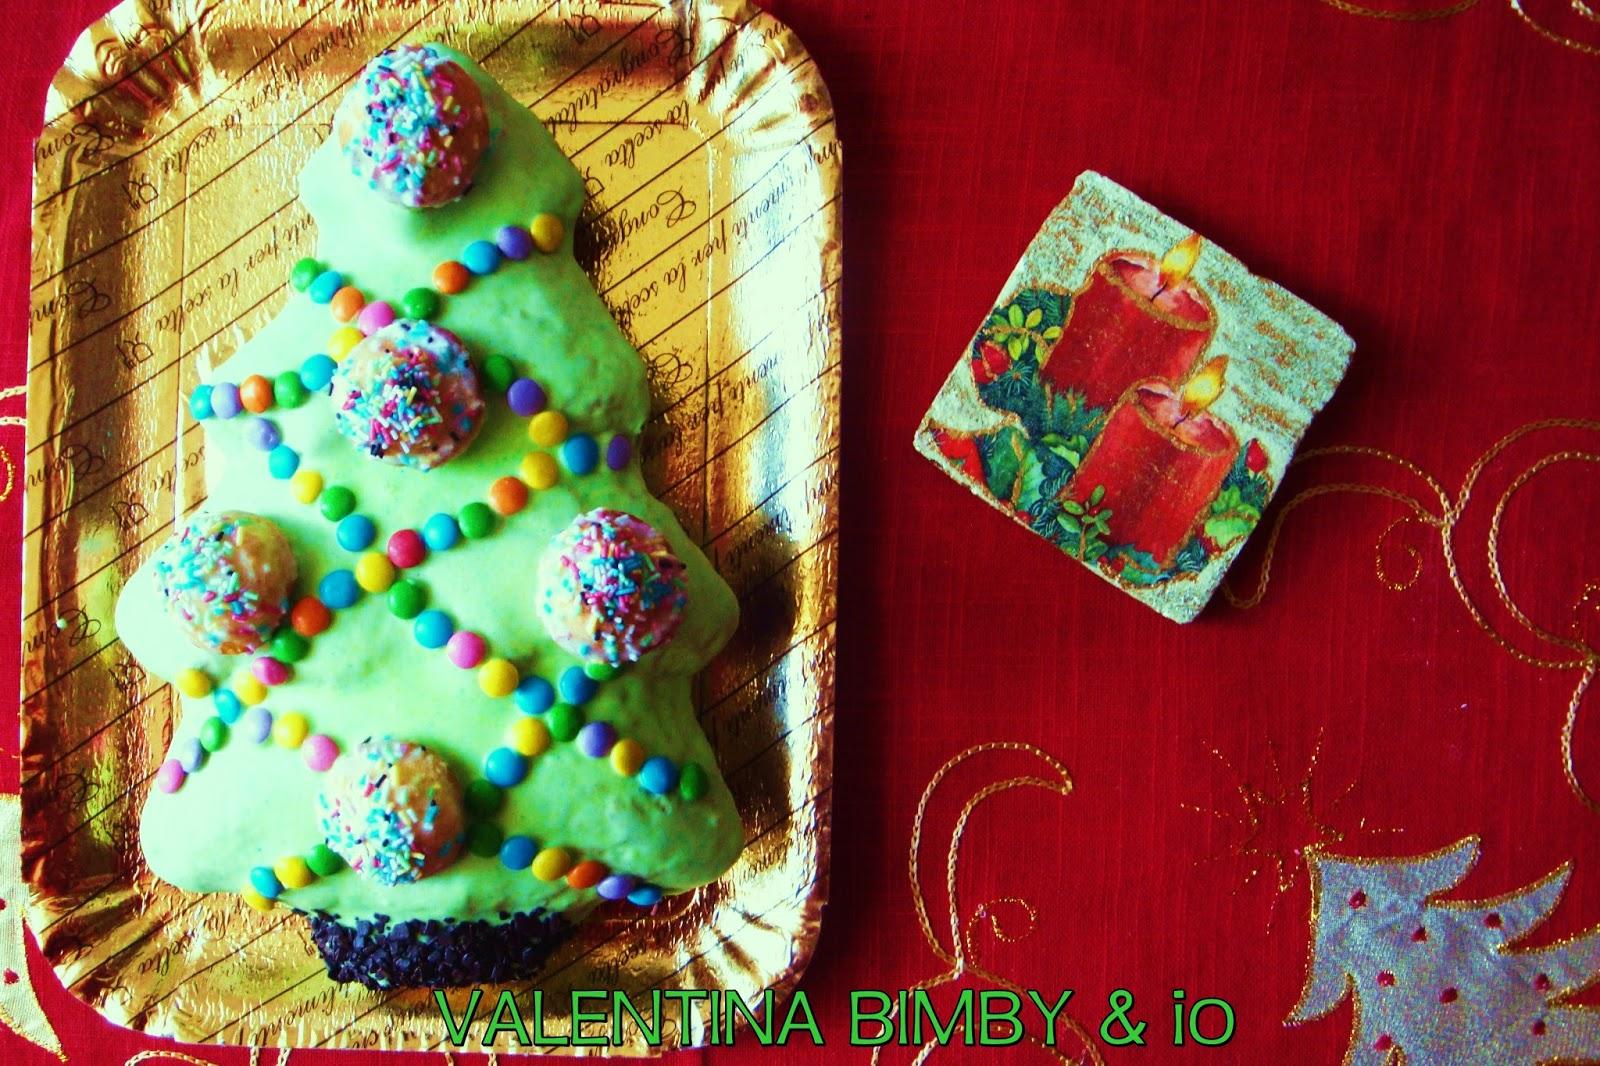 Dolce Di Natale Albero.Le Ricette Di Valentina E Bimby Torta Albero Di Natale